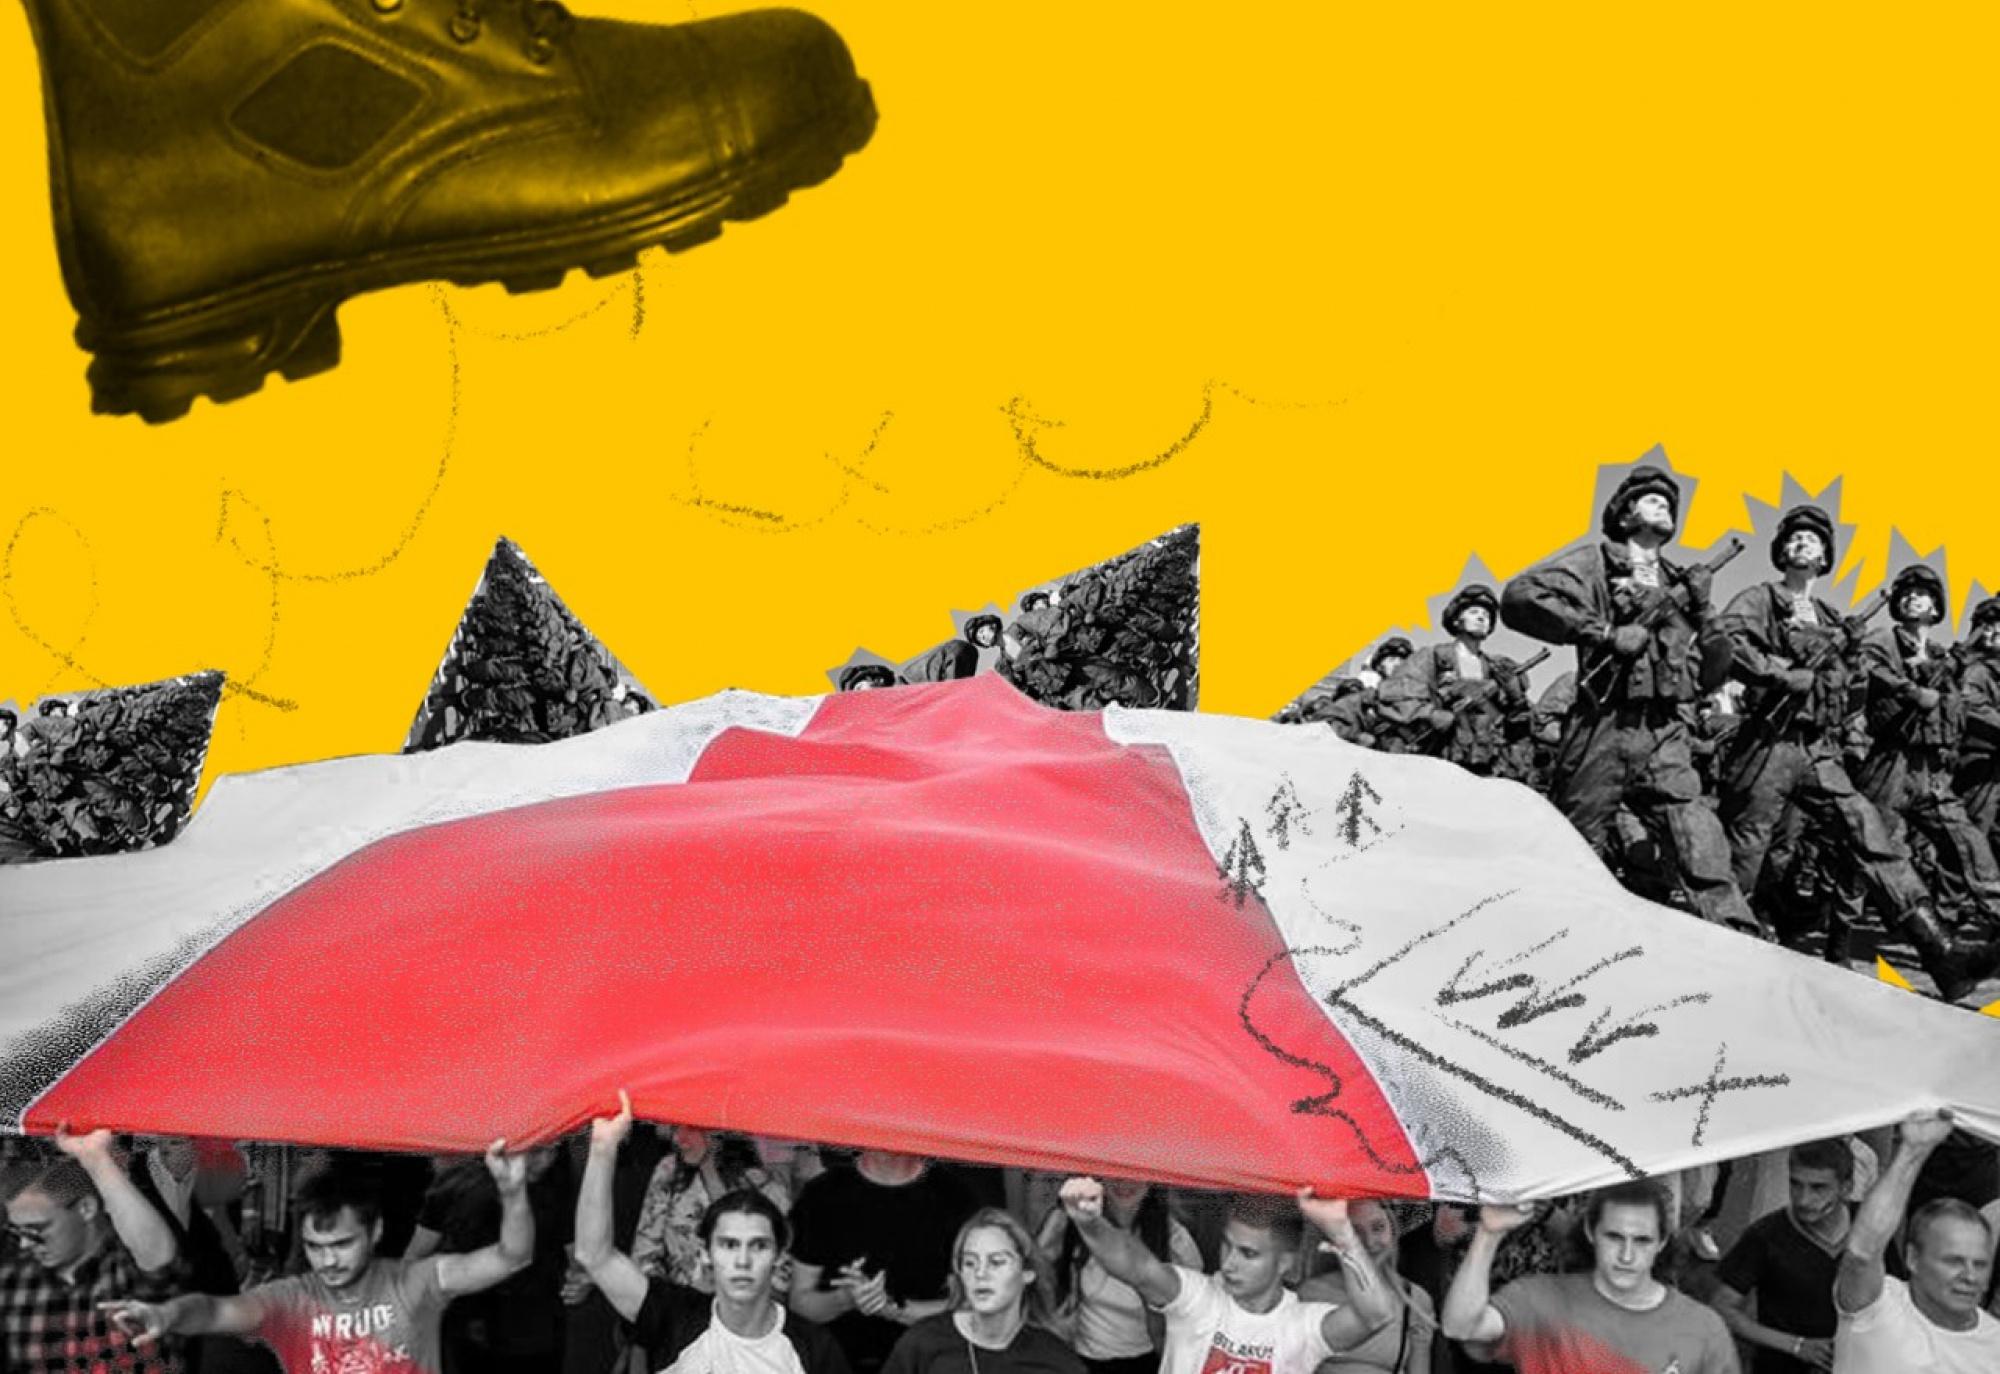 Лукашенко запретил транслировать протесты в прямом эфире и проводить их без разрешения местных властей